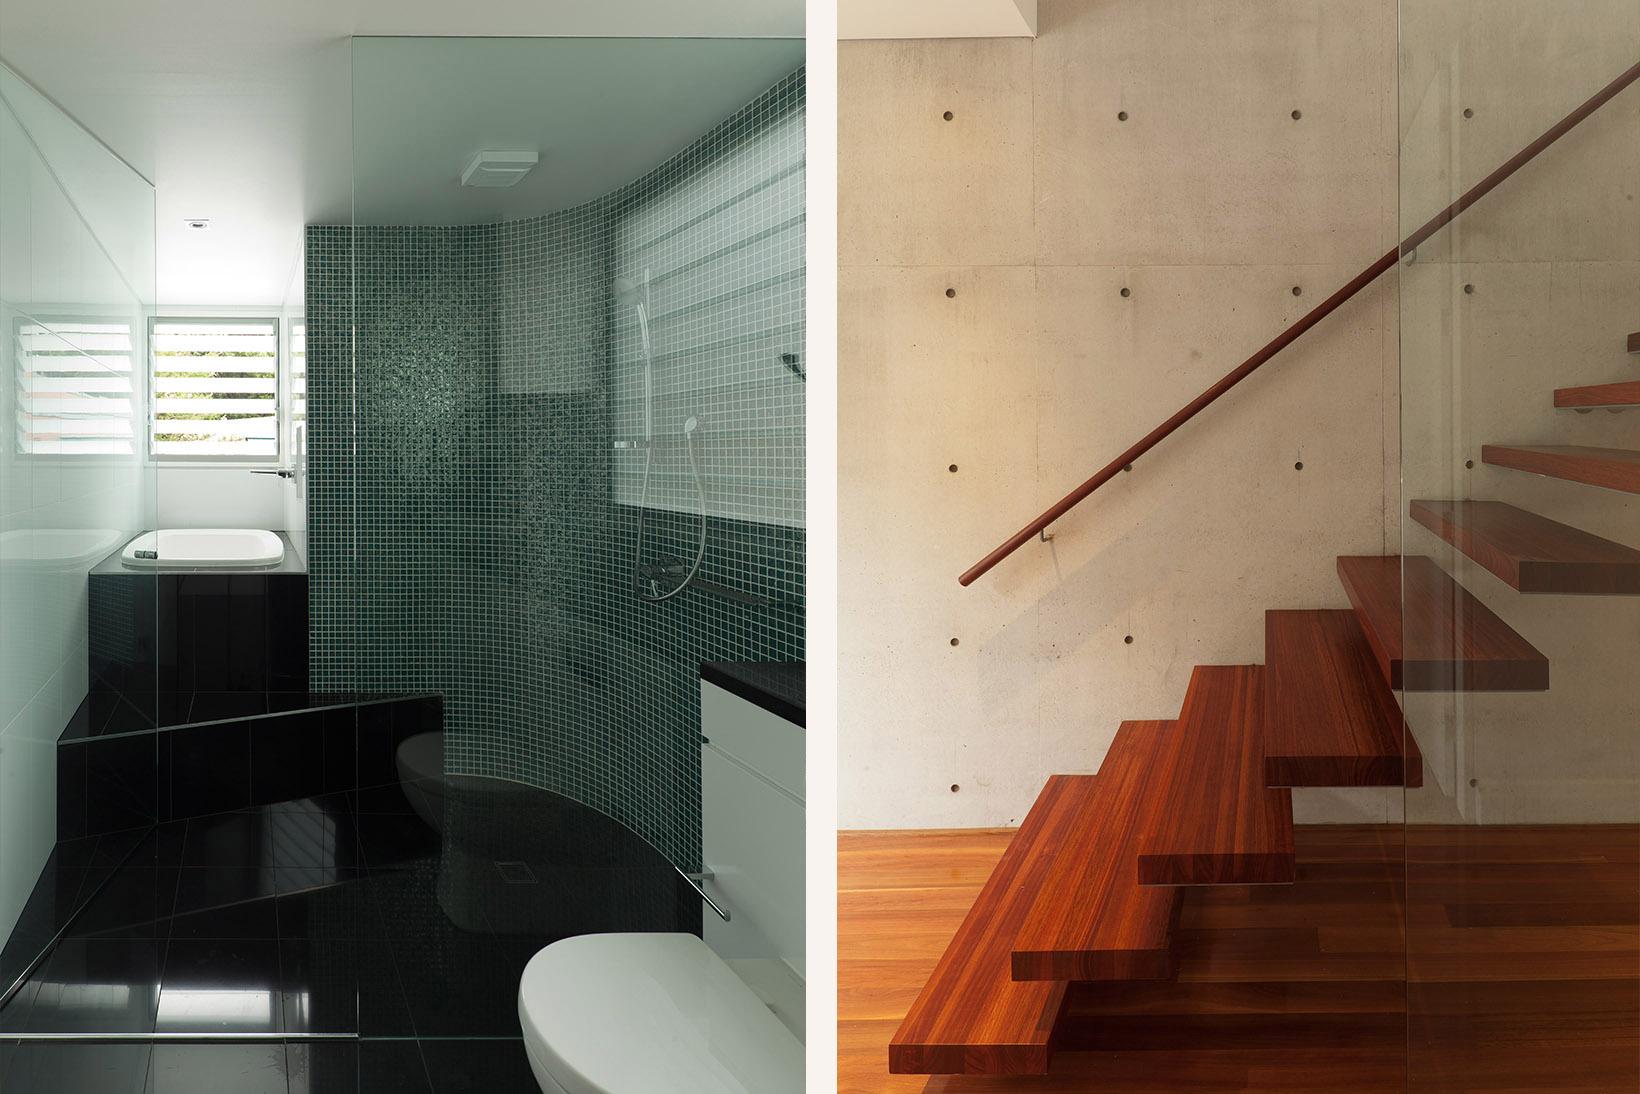 b room - stairs copy.jpg